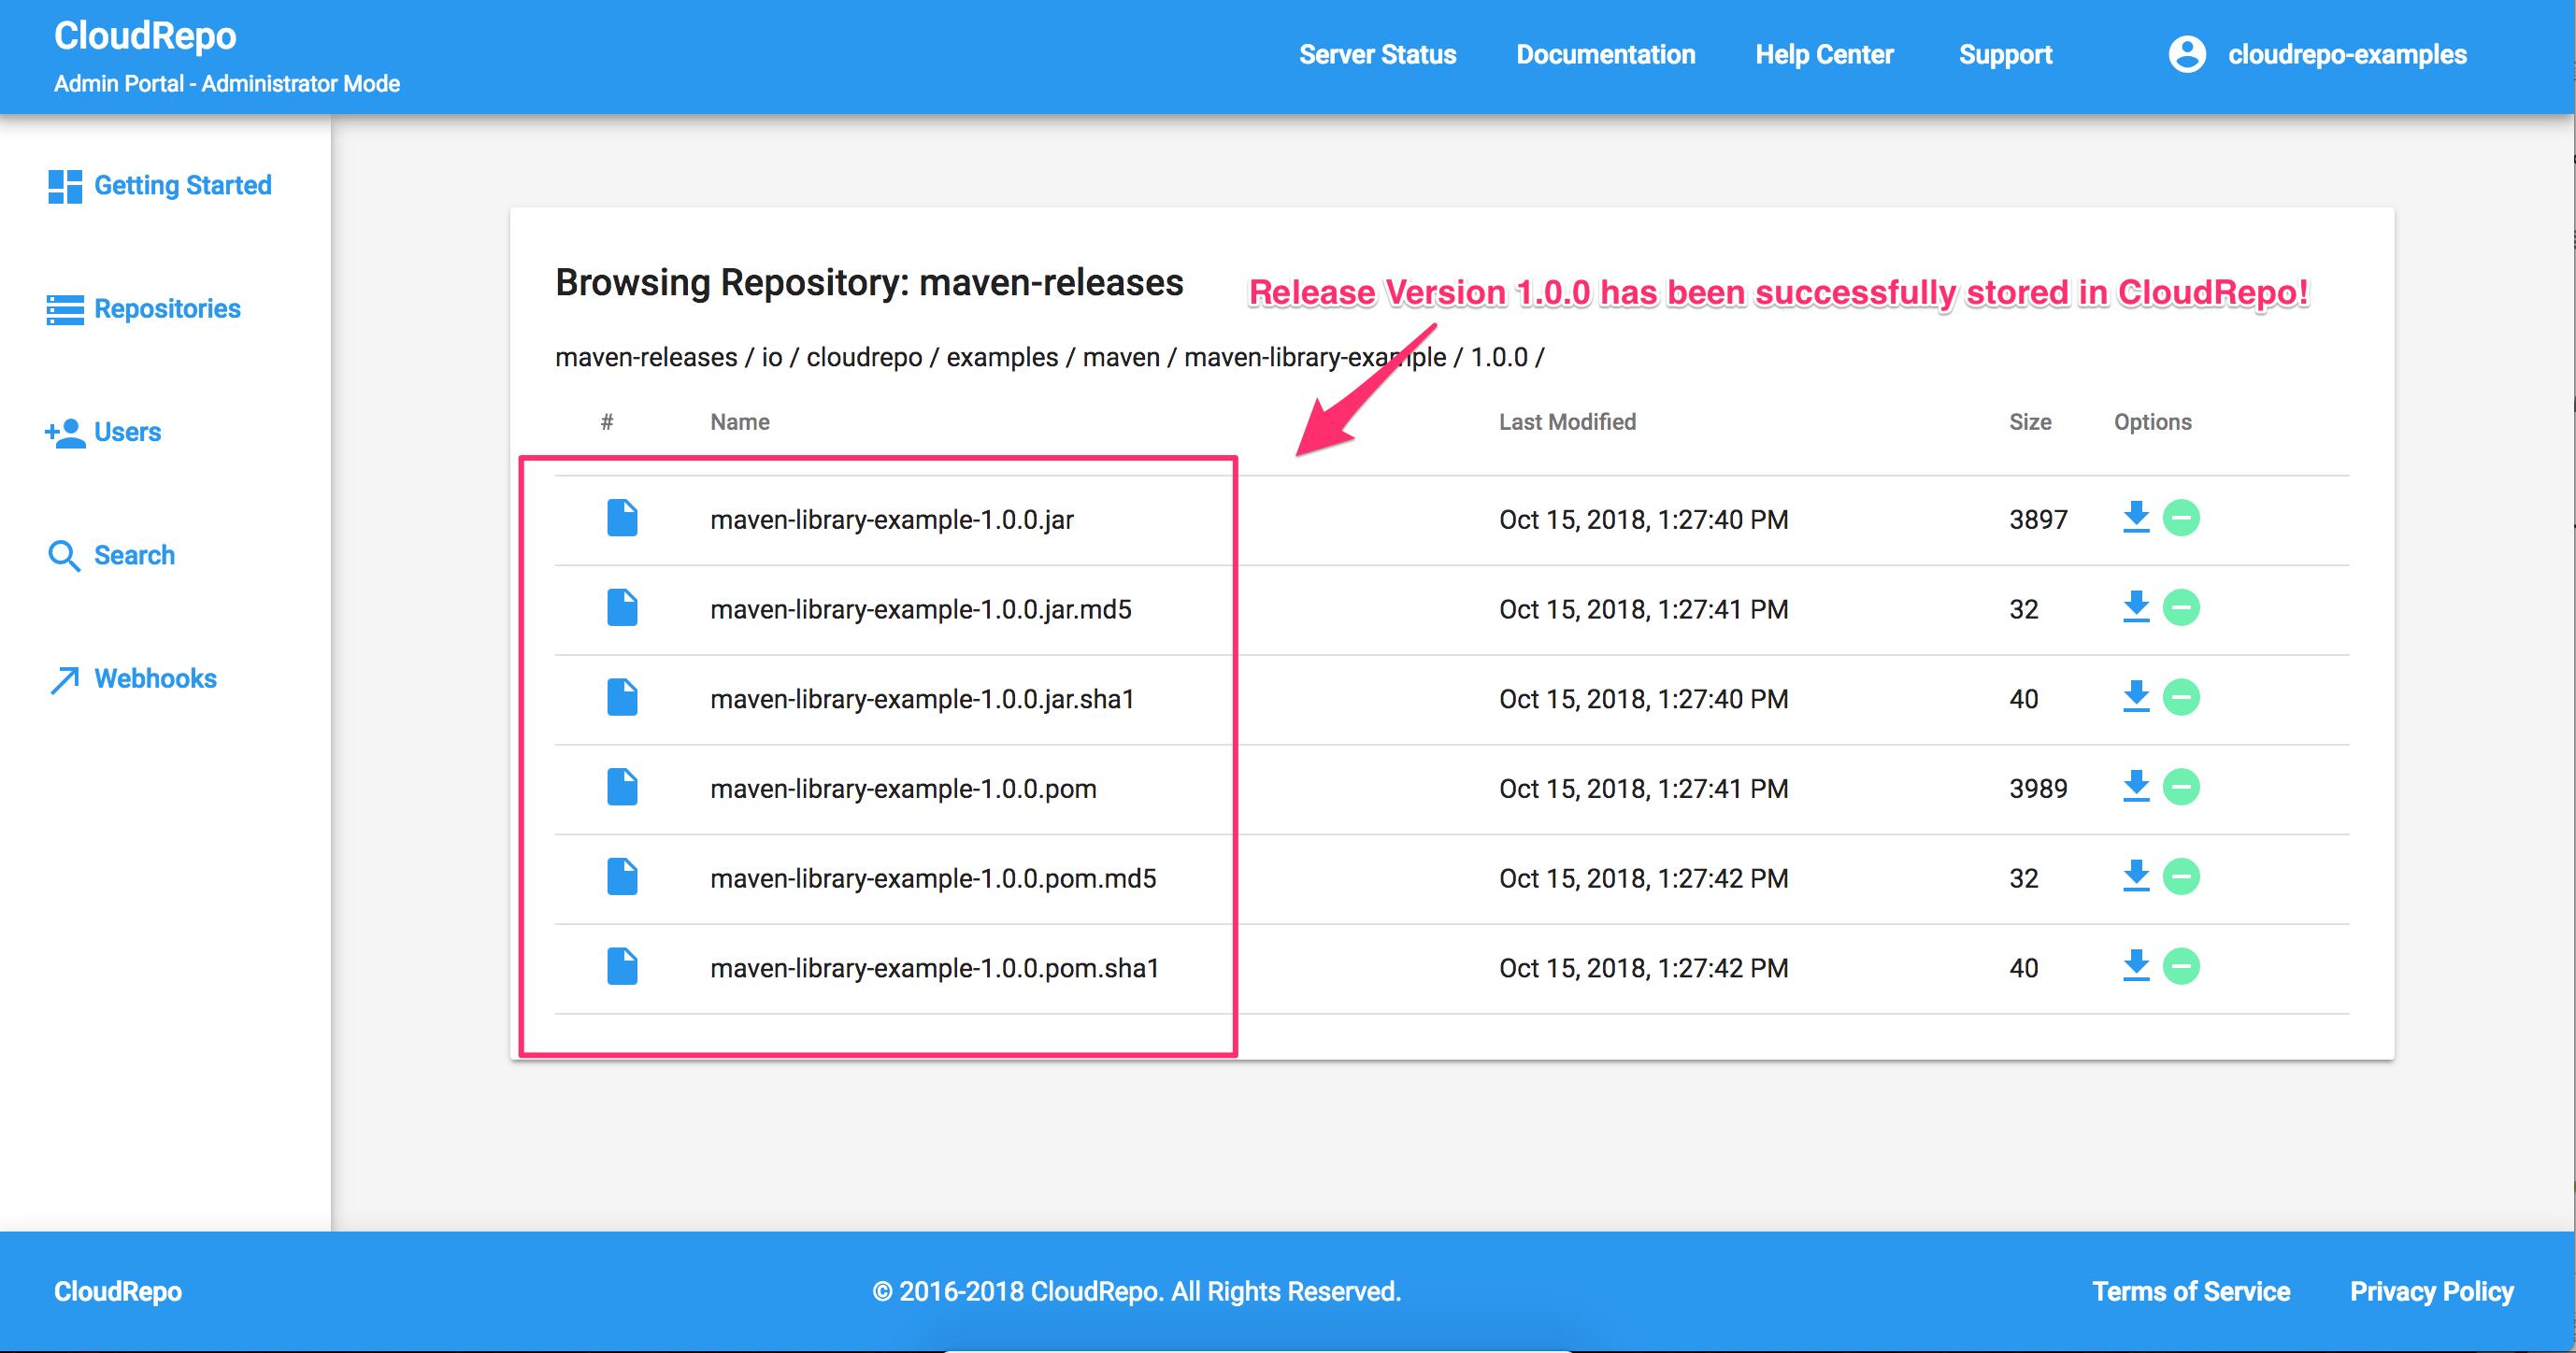 CloudRepo Release Version